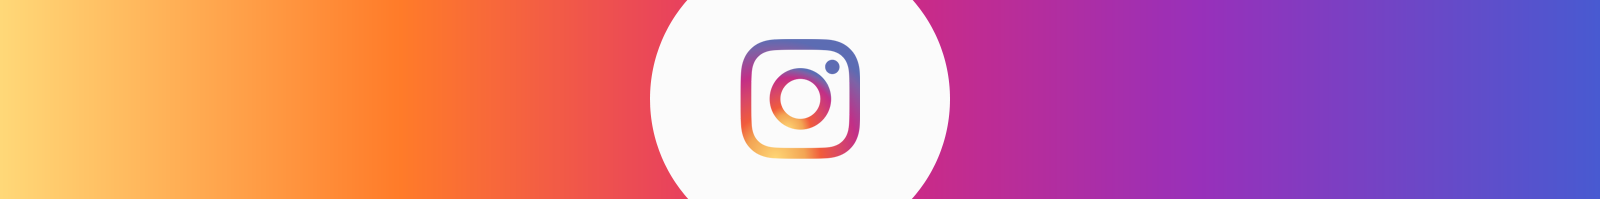 Instagram Divider